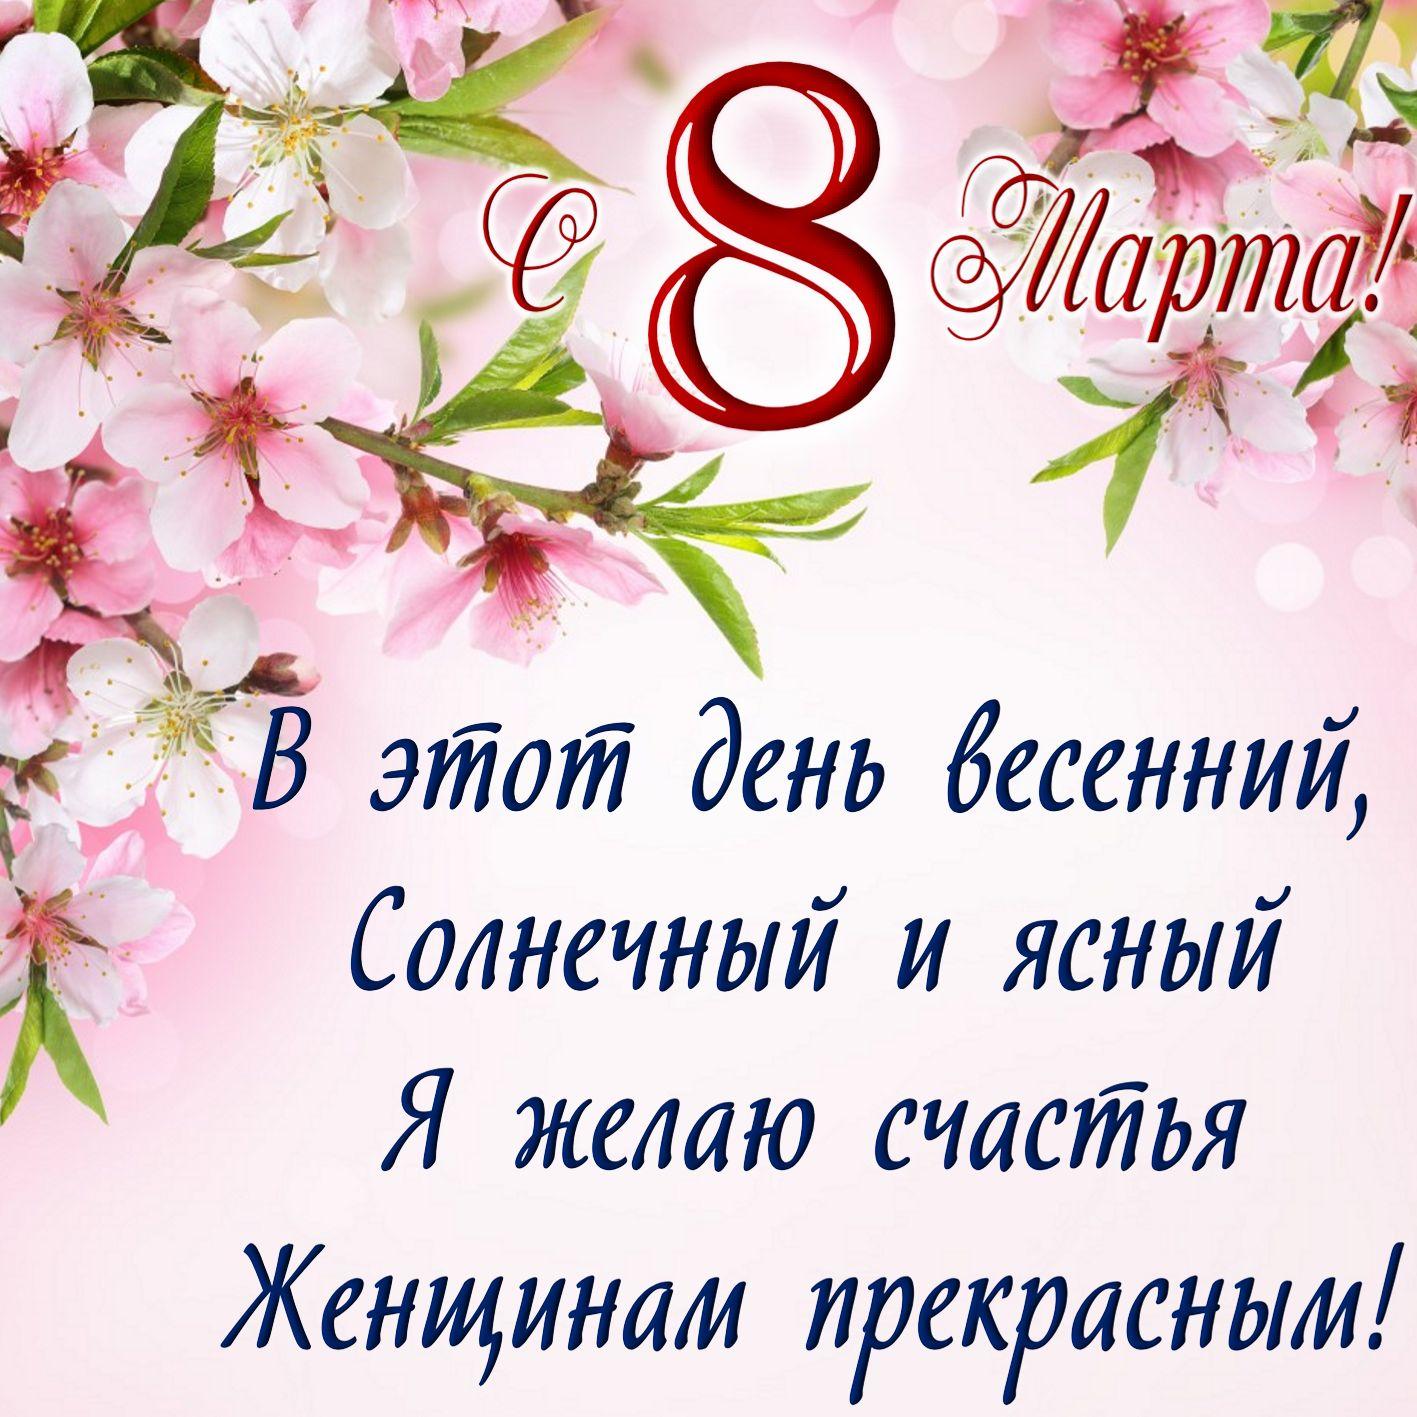 Красивые открытки к 8 марта женщинам